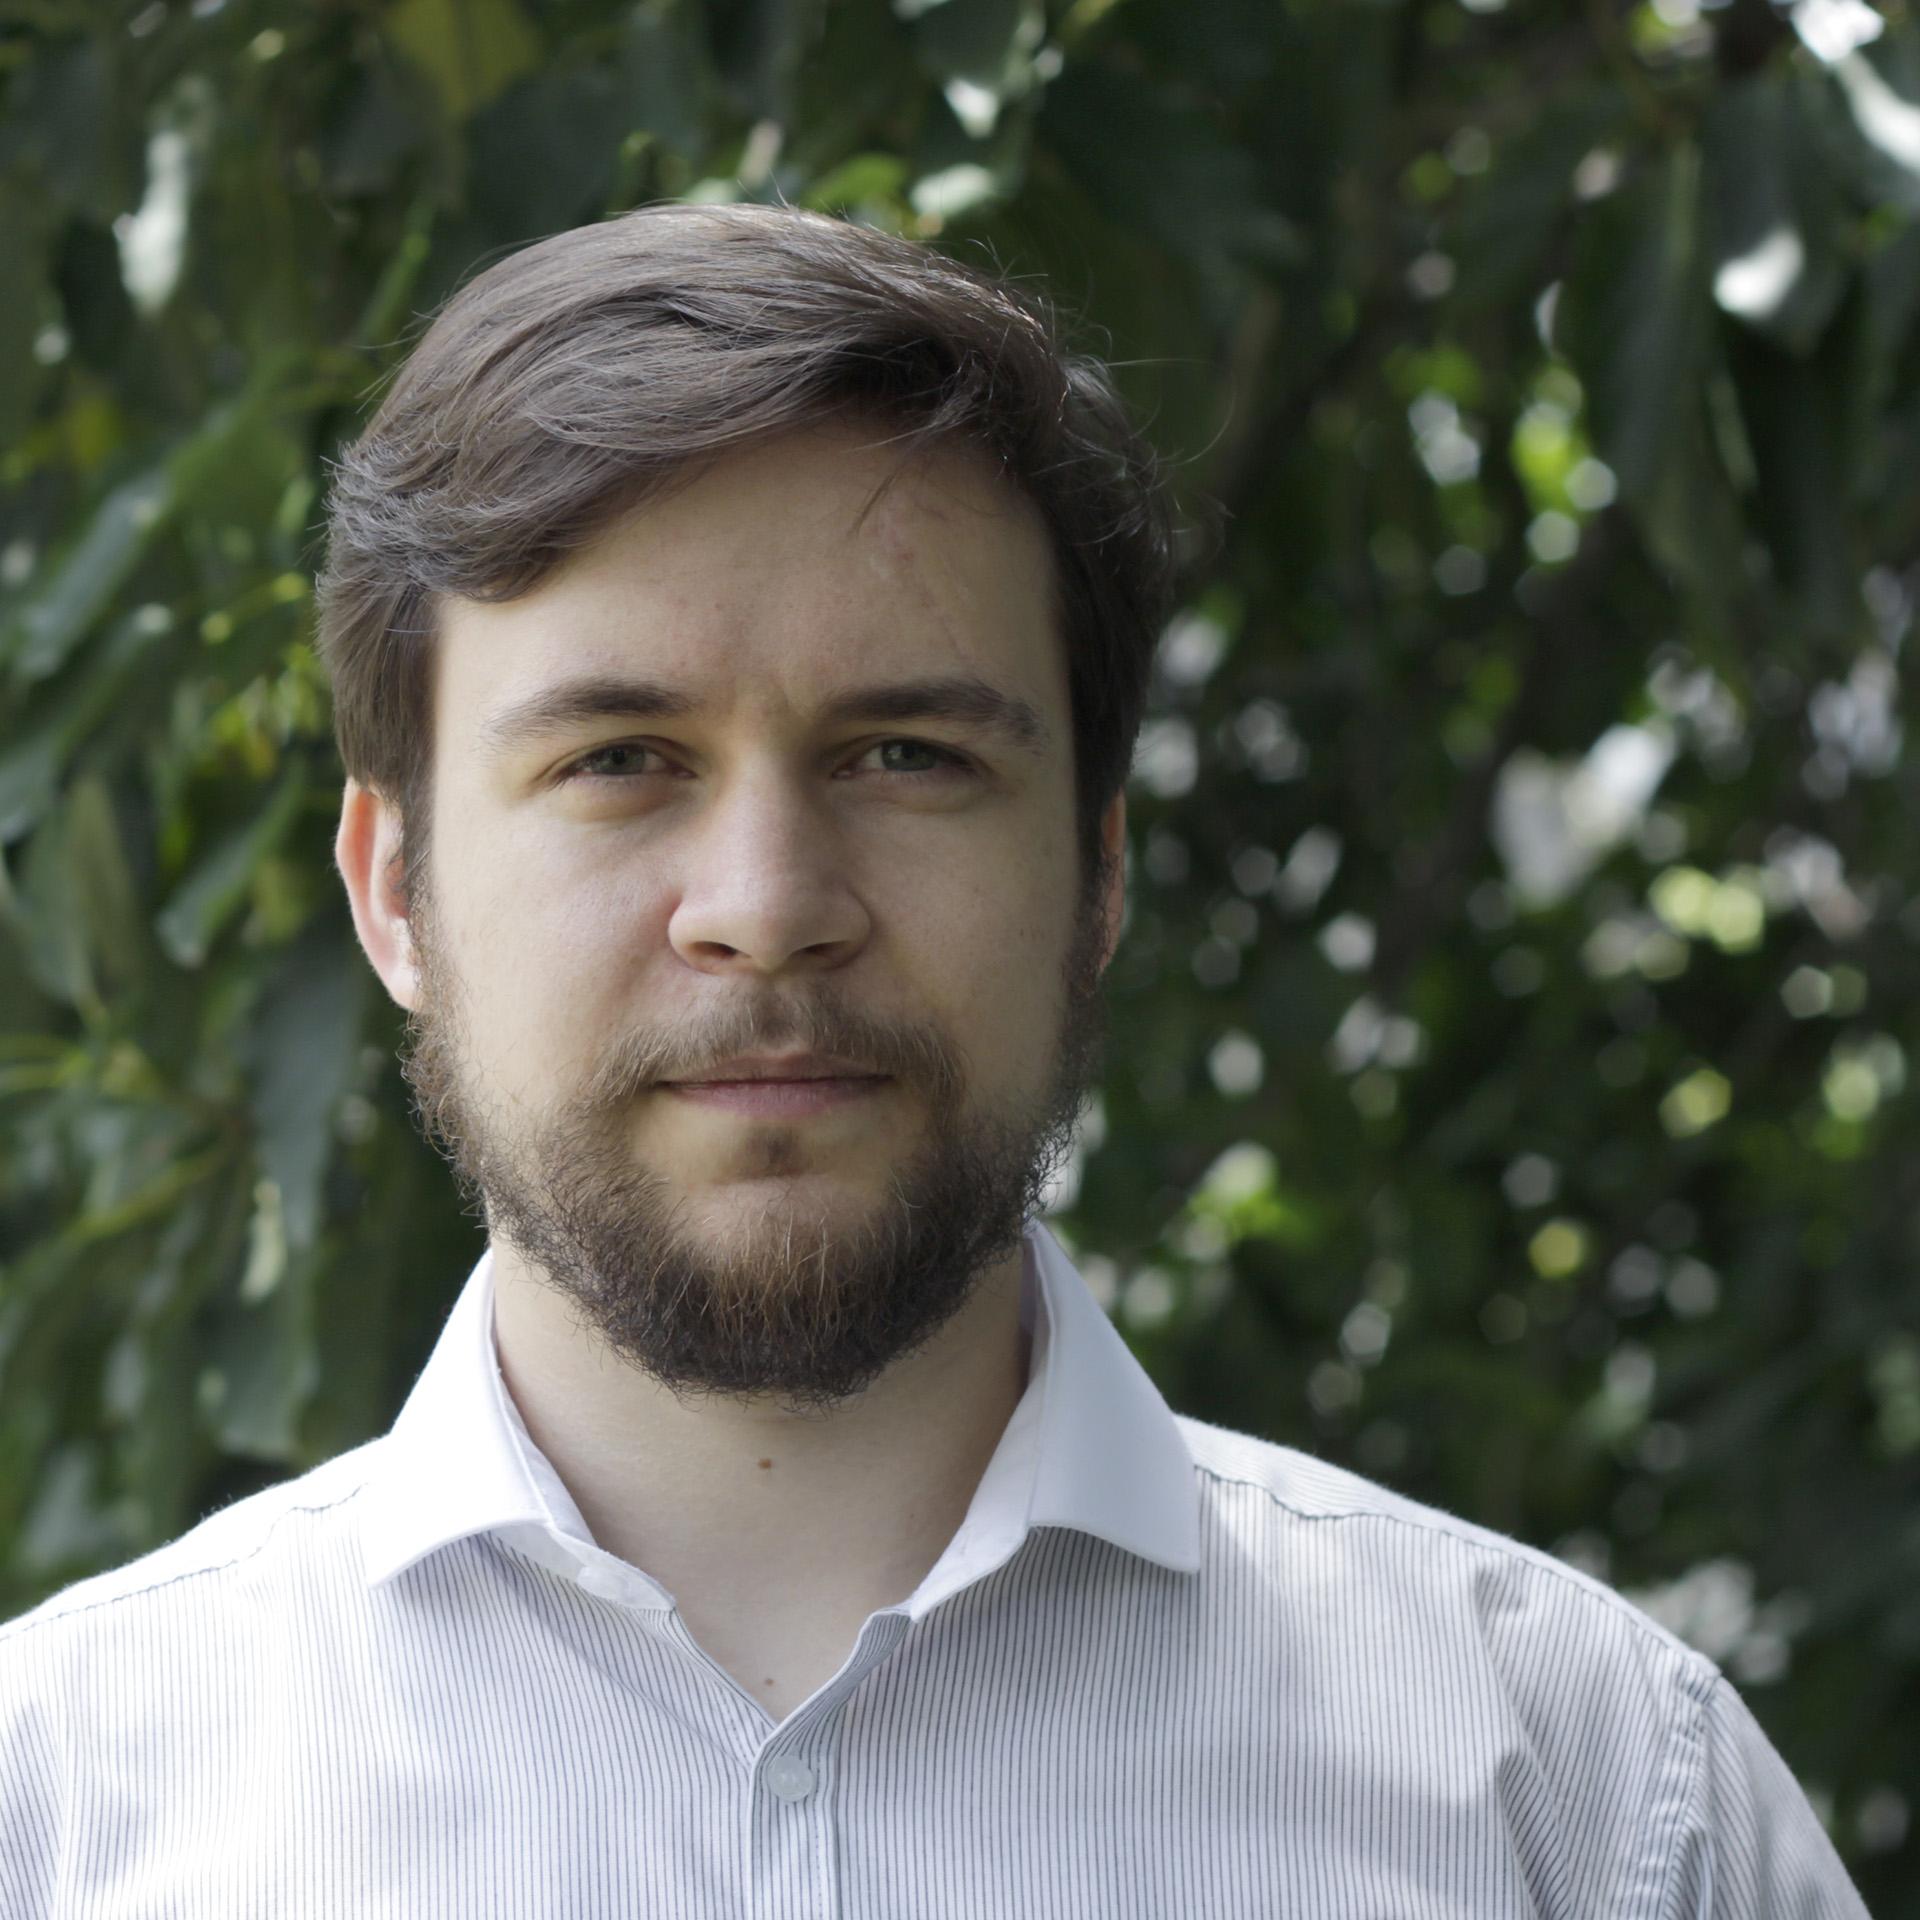 Pedro Guglielmo